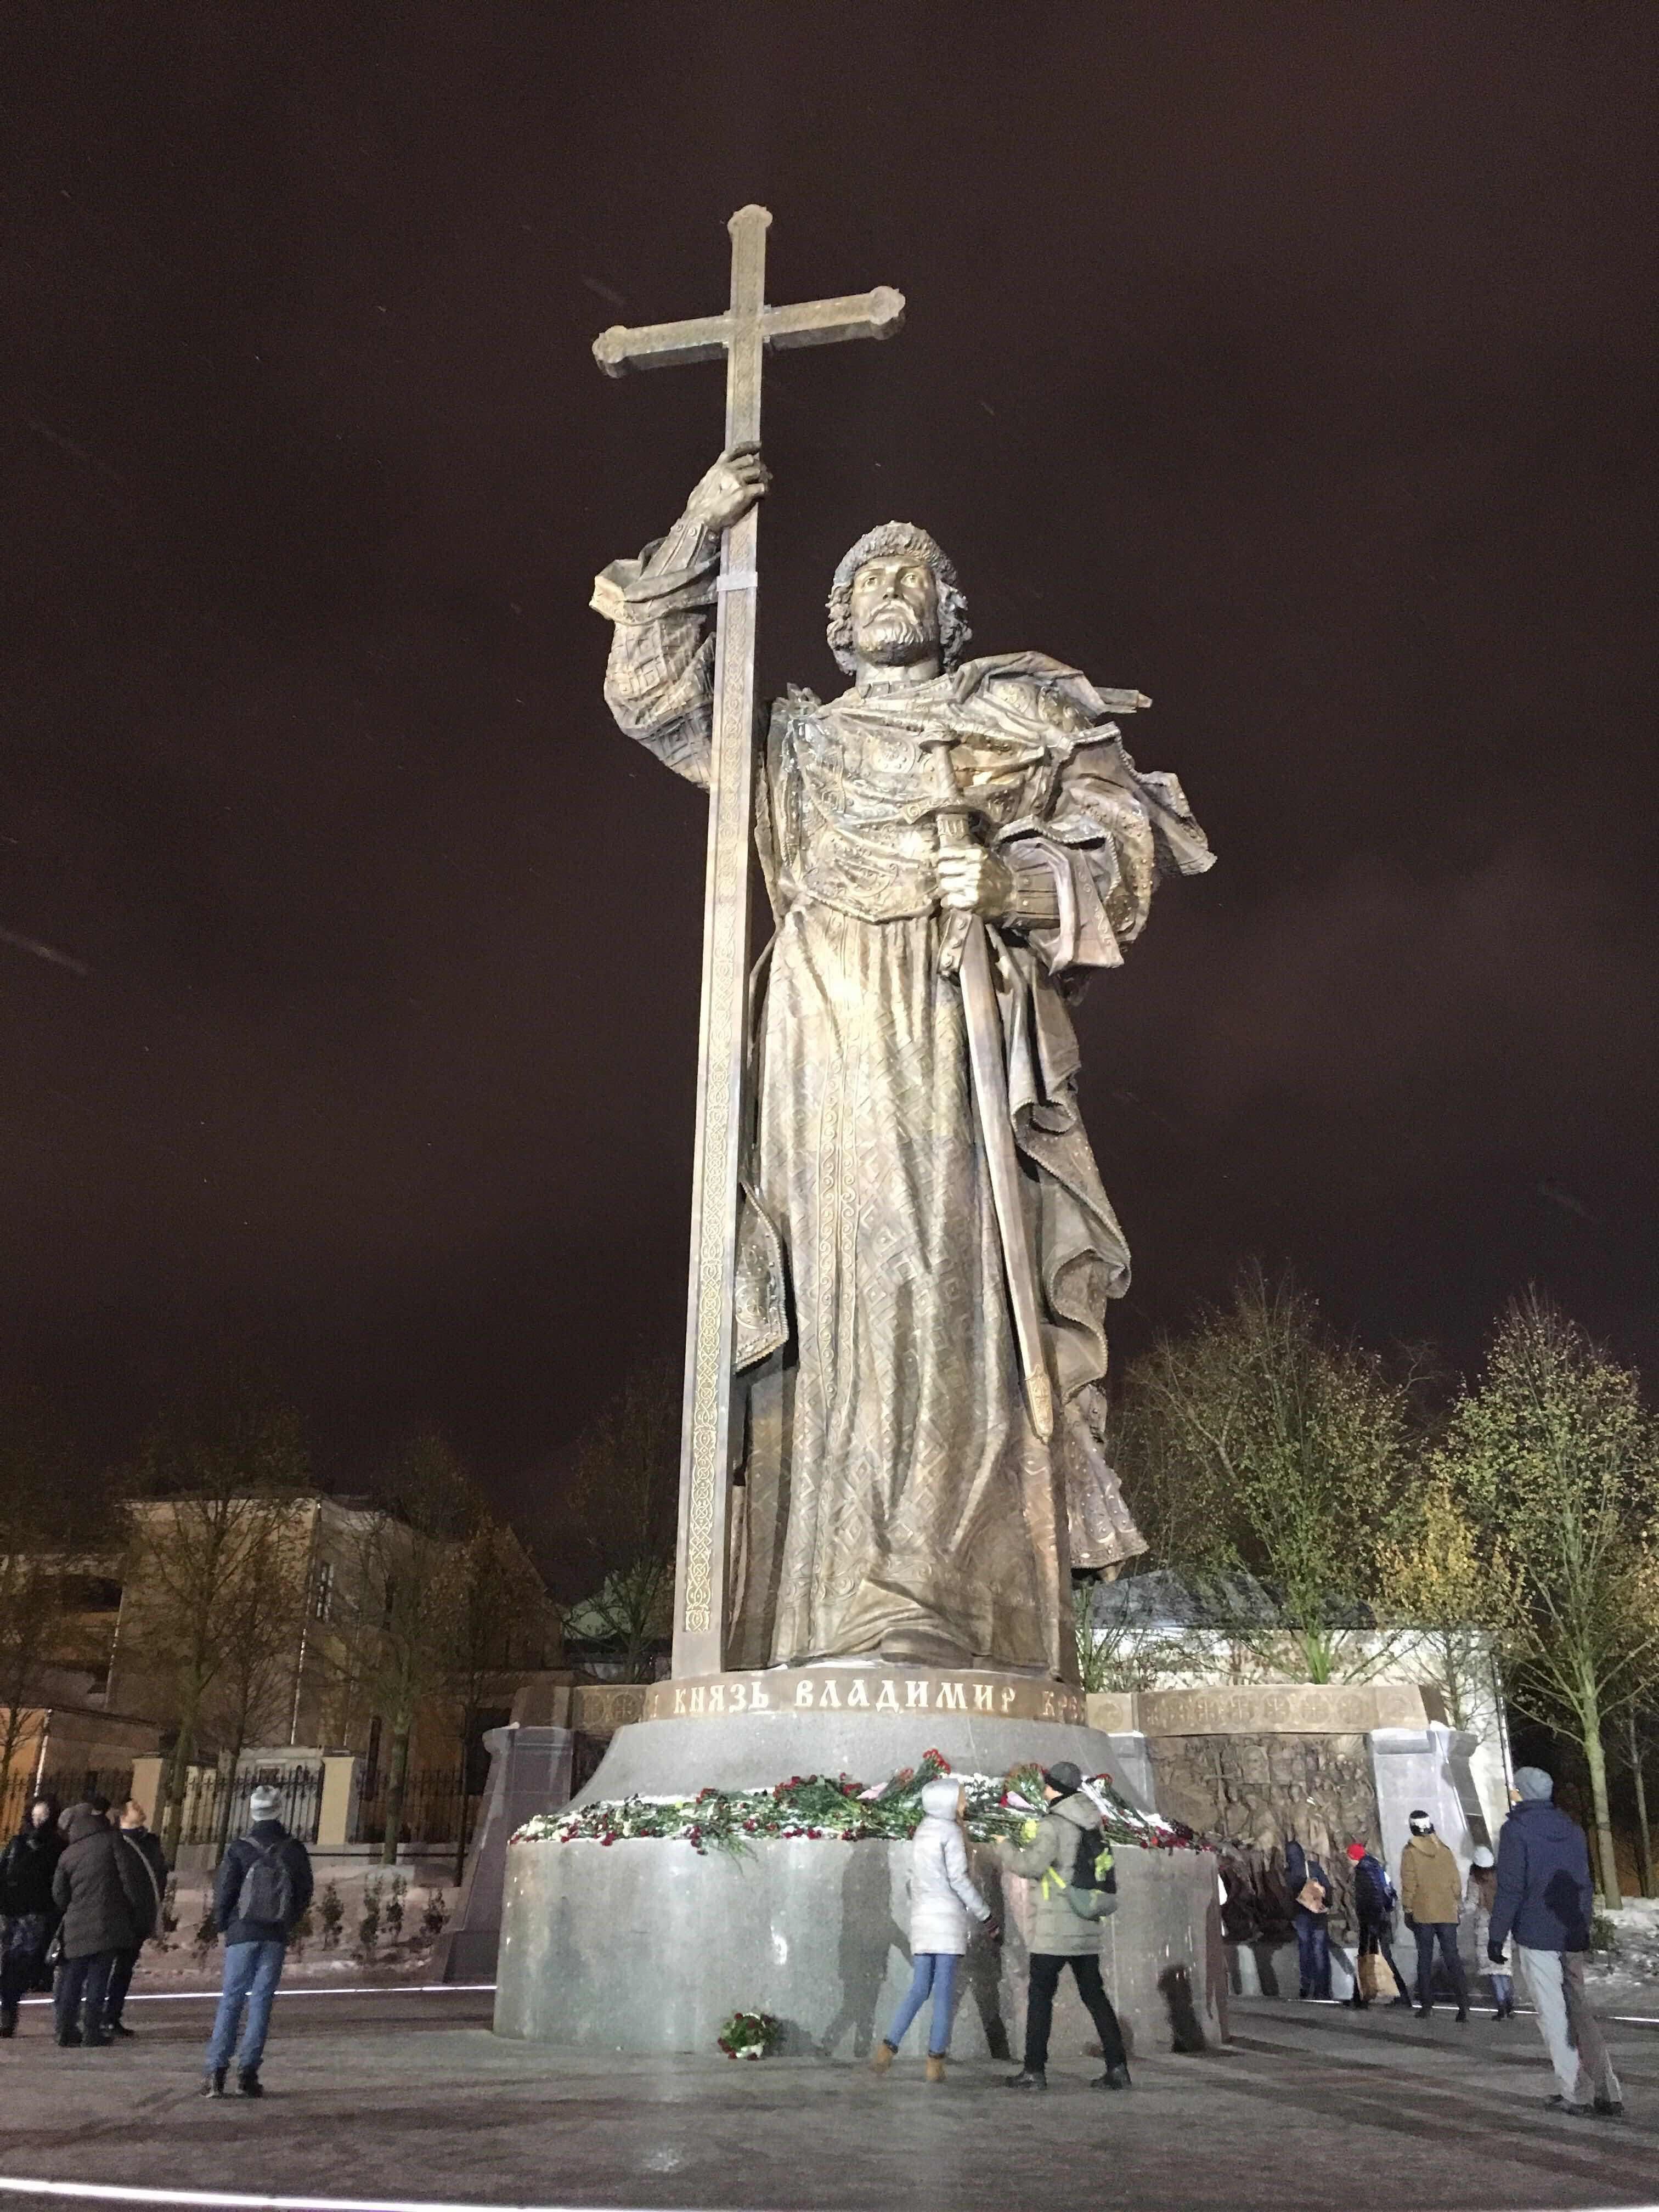 памятник князю владимиру в москве где фото большая